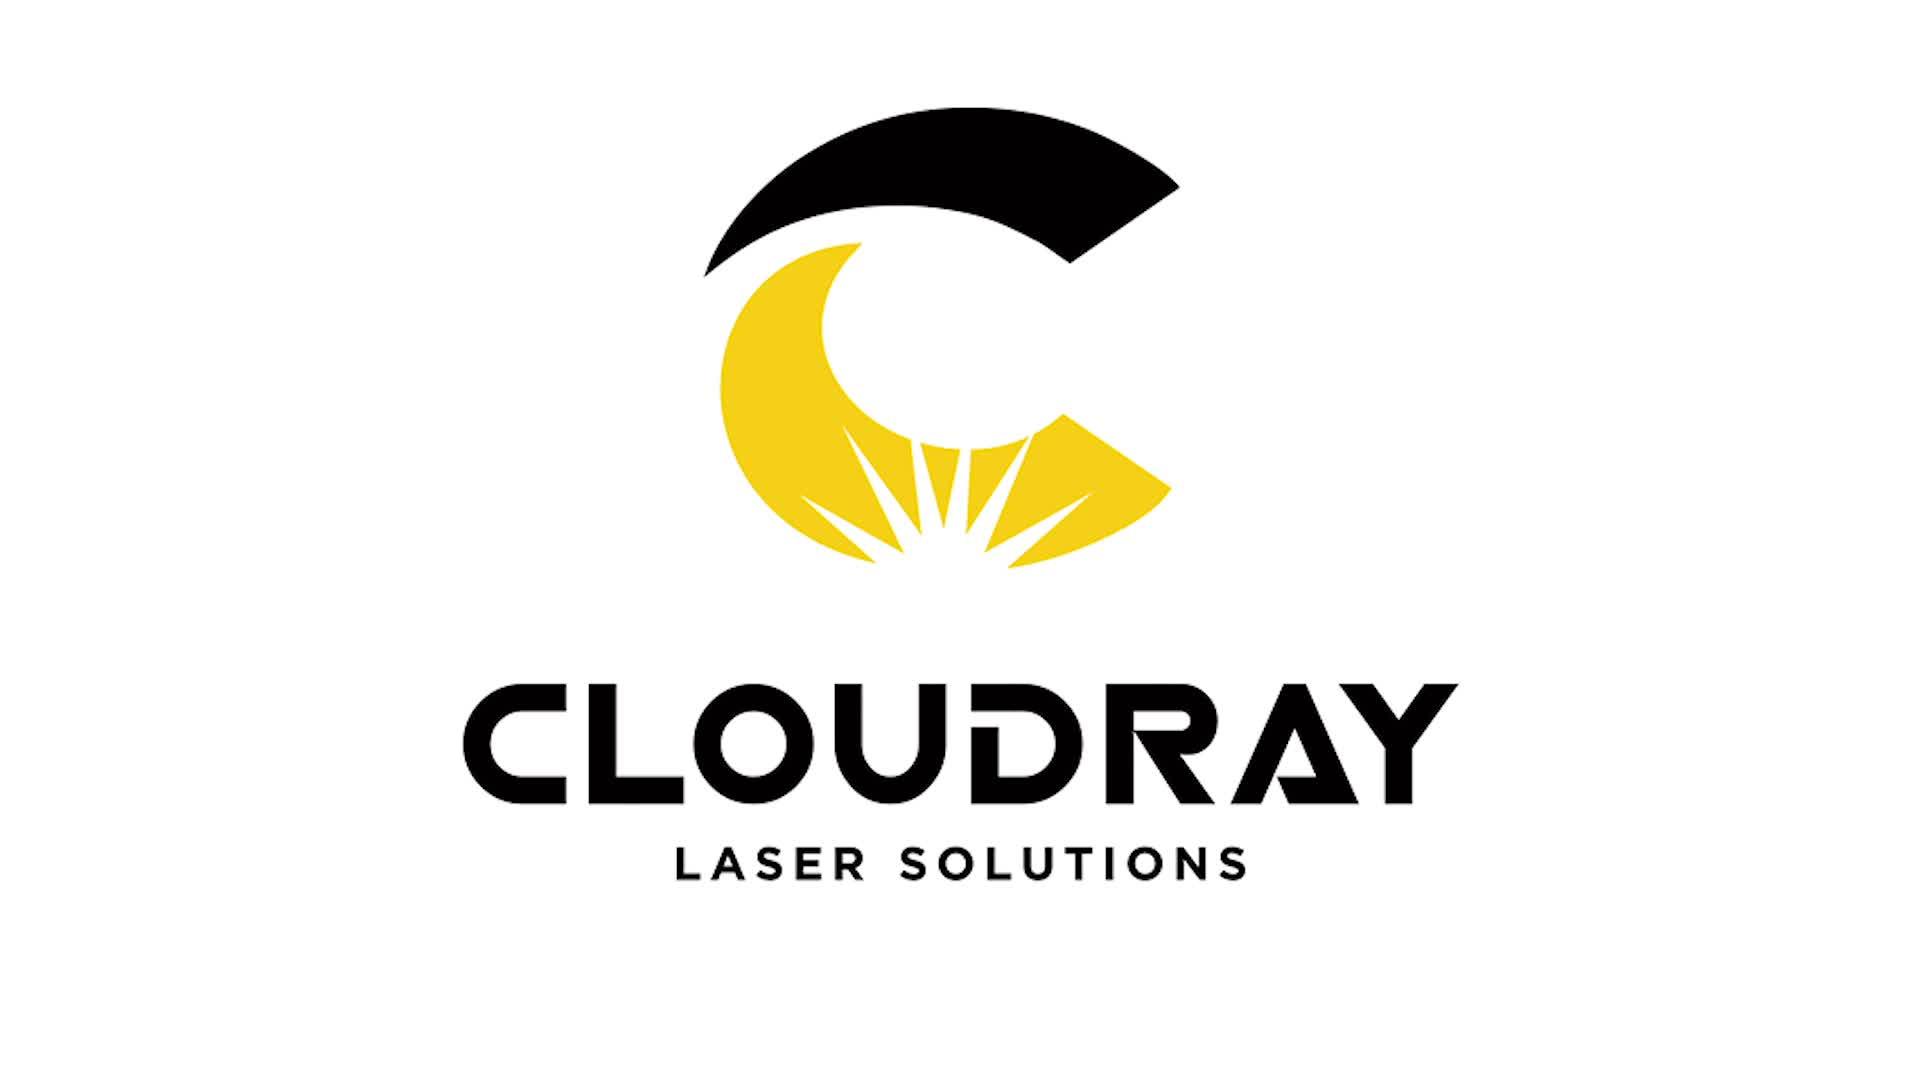 Cloudray CL701 40 W 50 W 60 W 80 W 100 W 130 W 150 W CO2 Laser Buis